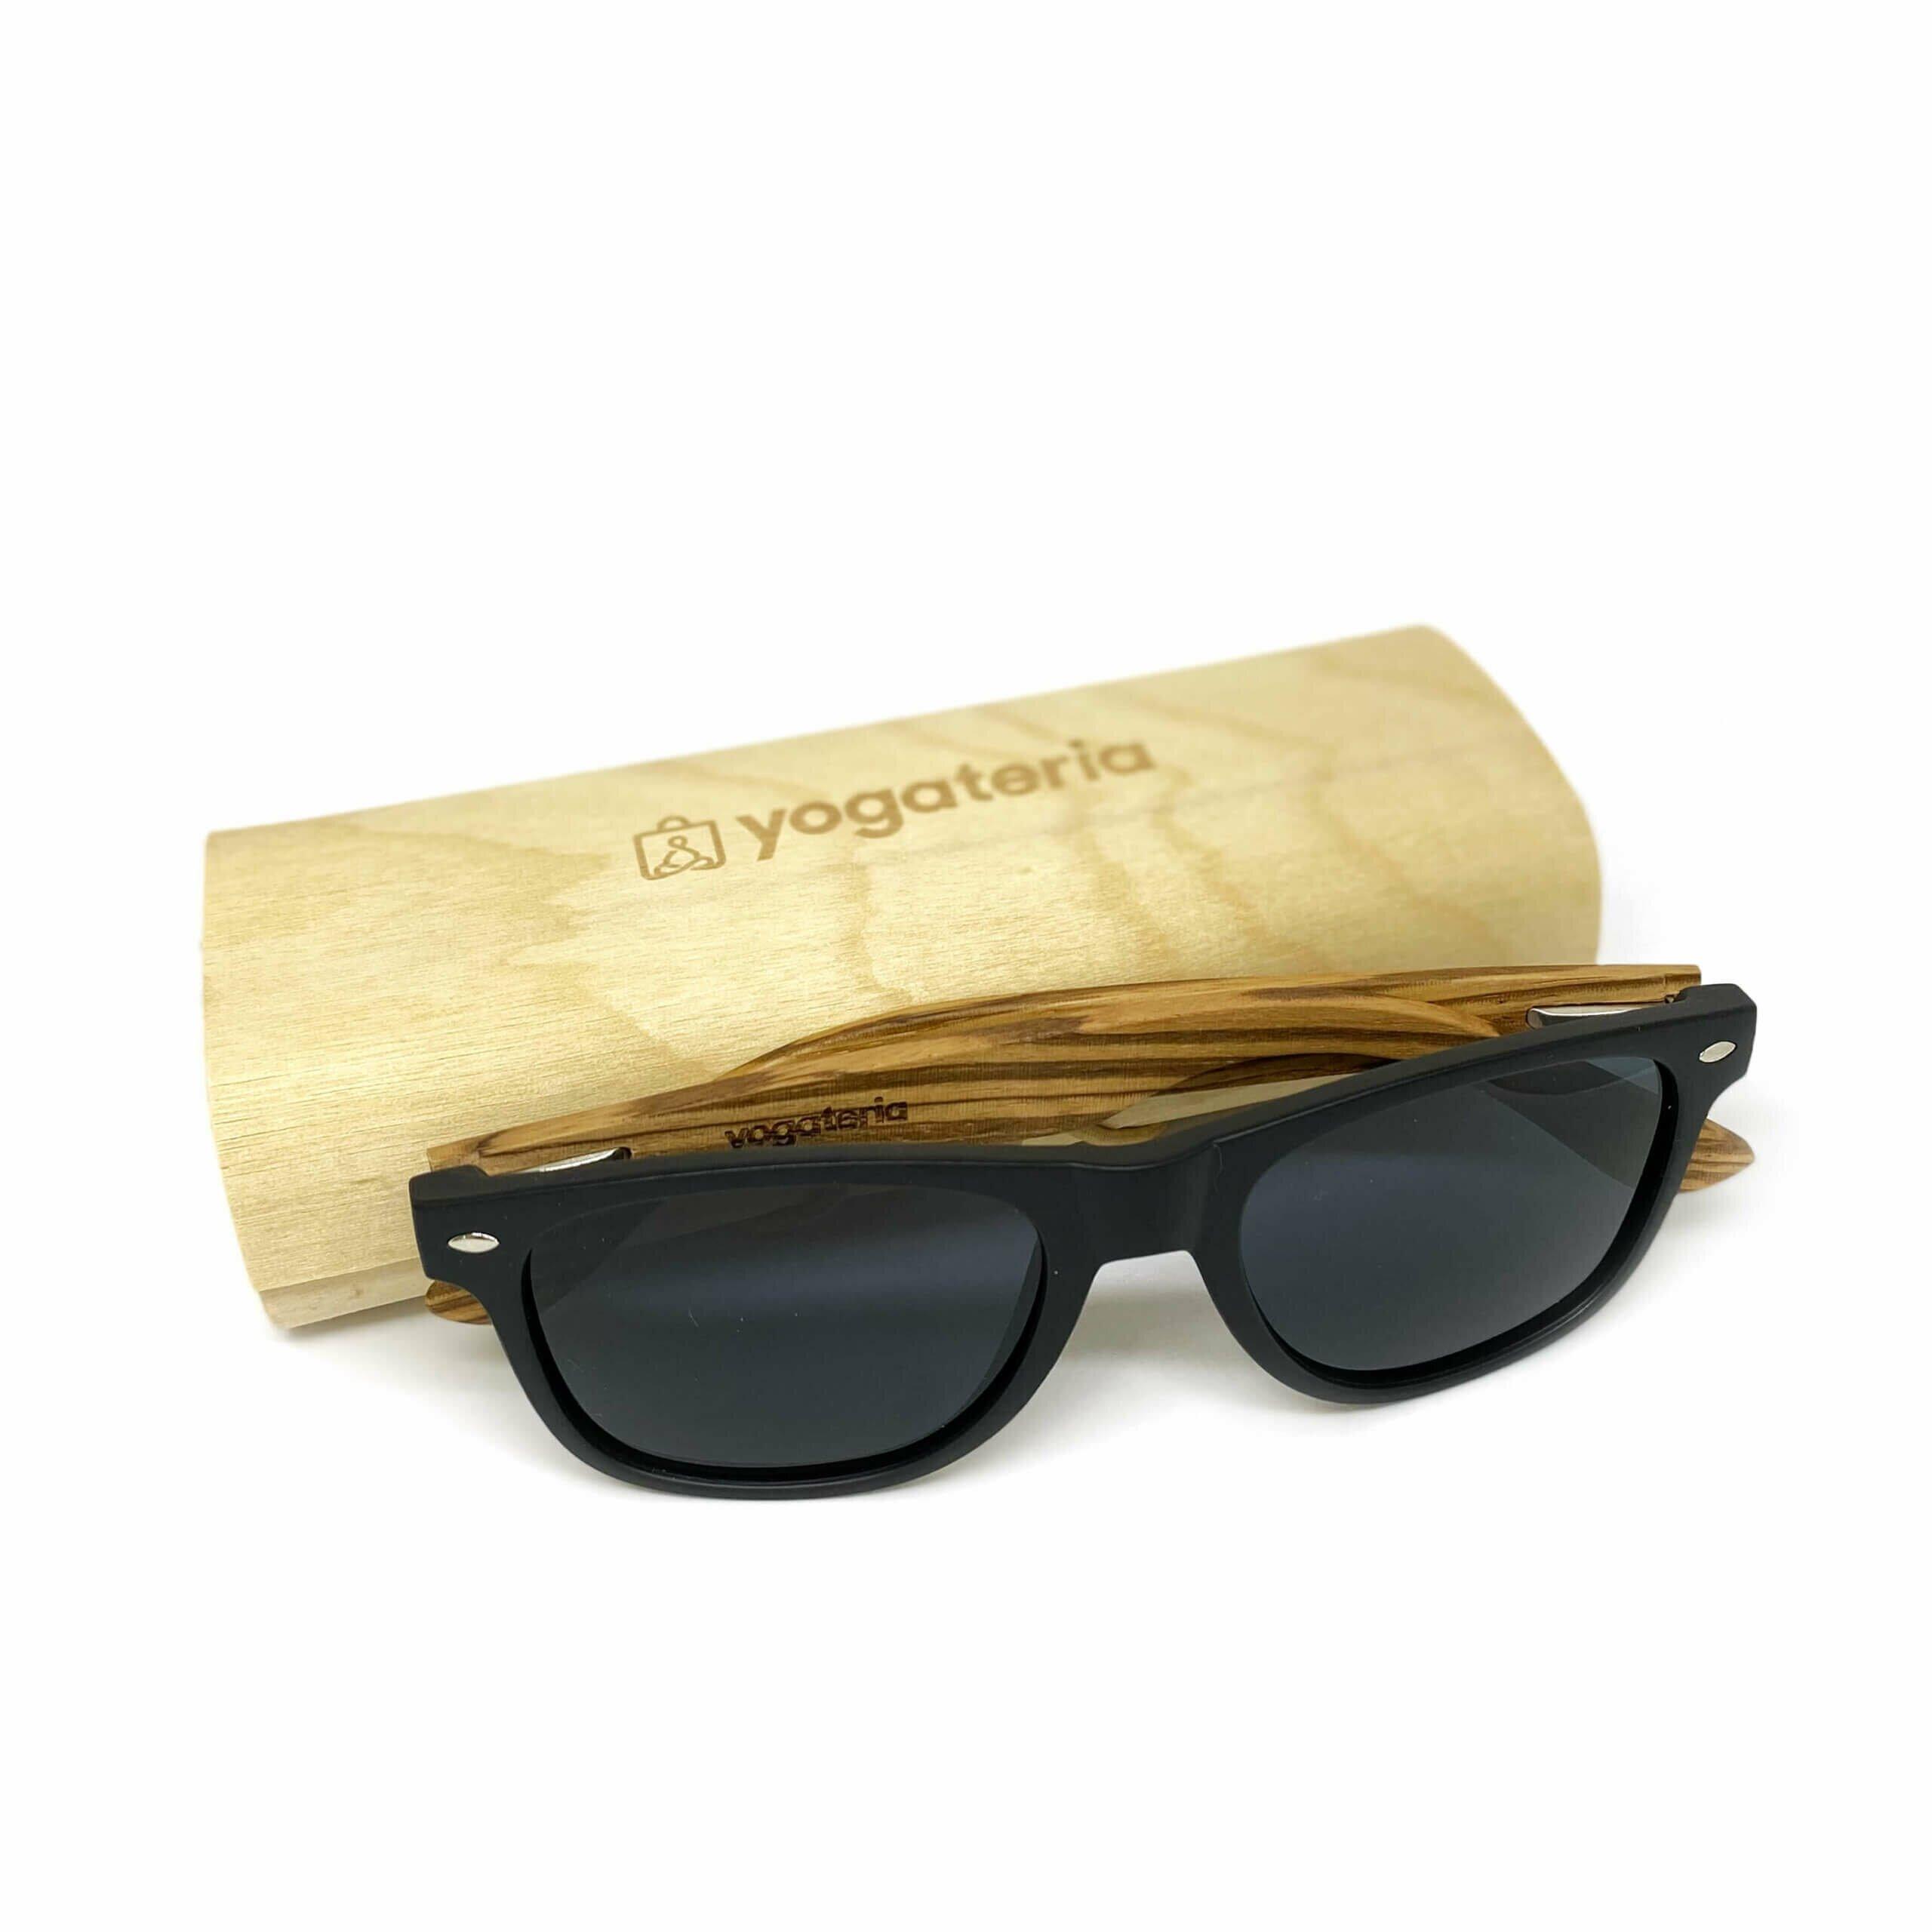 oculos-madeira-yogateria-sampa-03